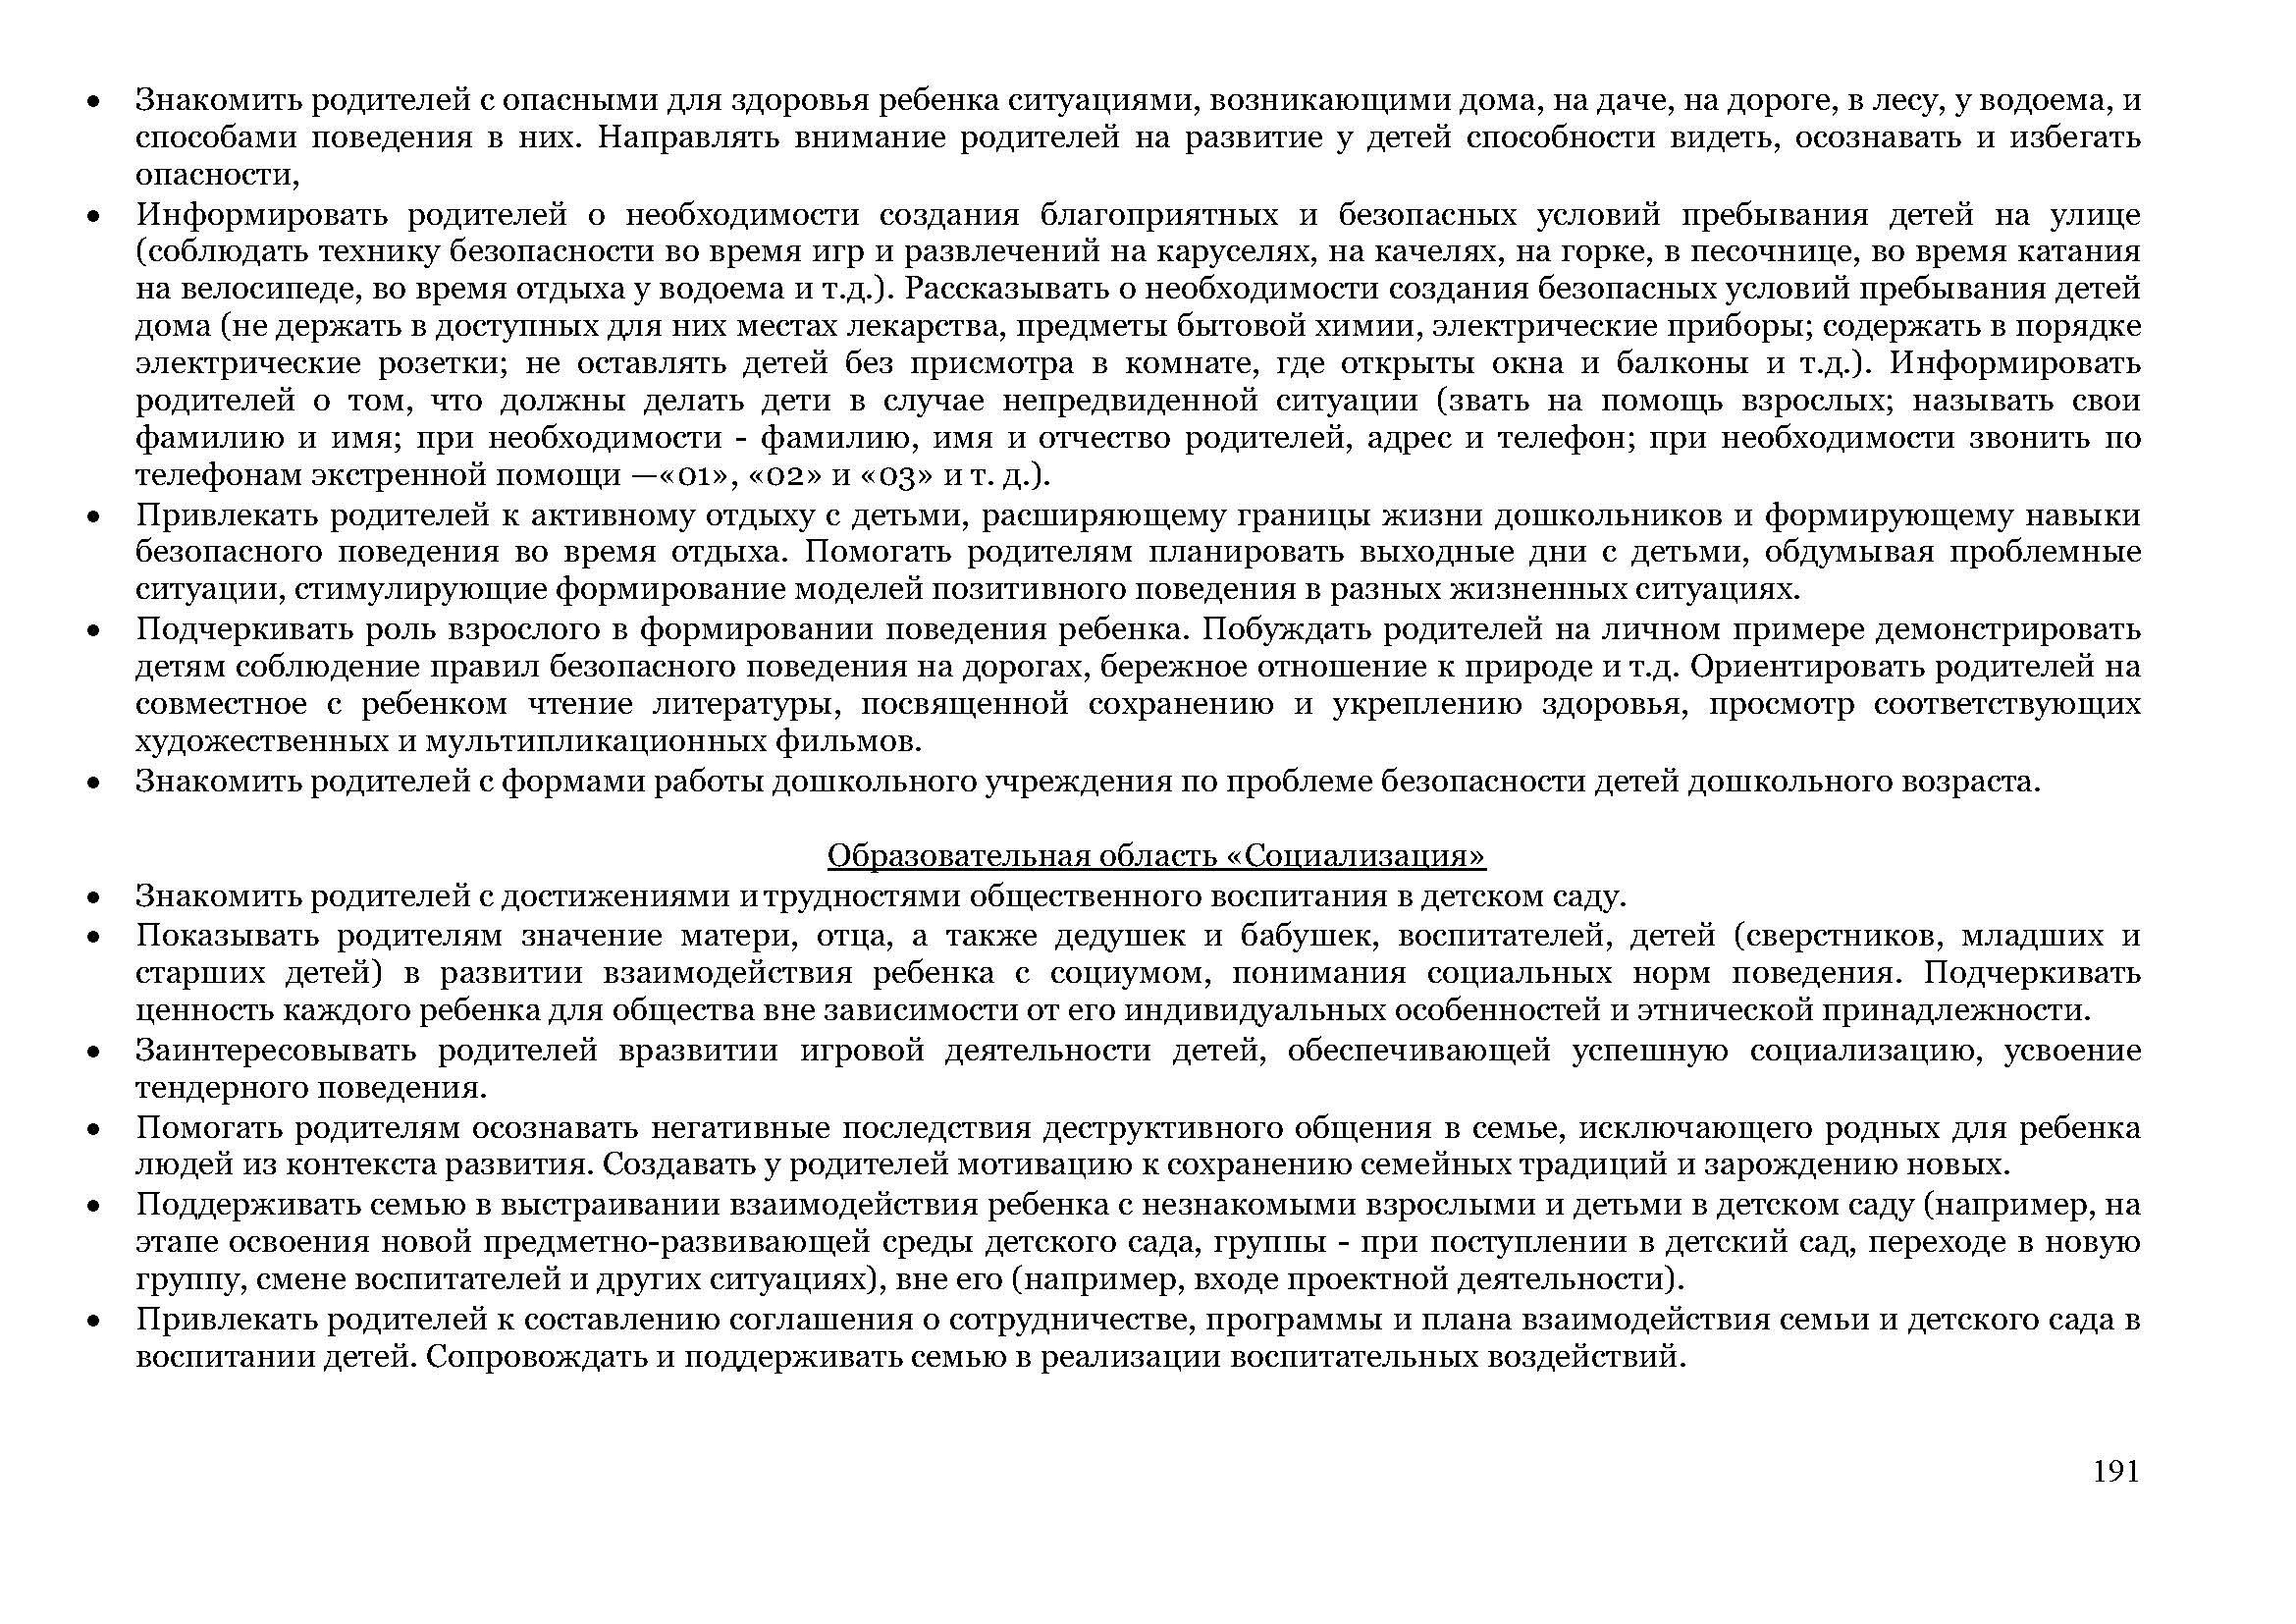 образовательная_программа_Страница_191